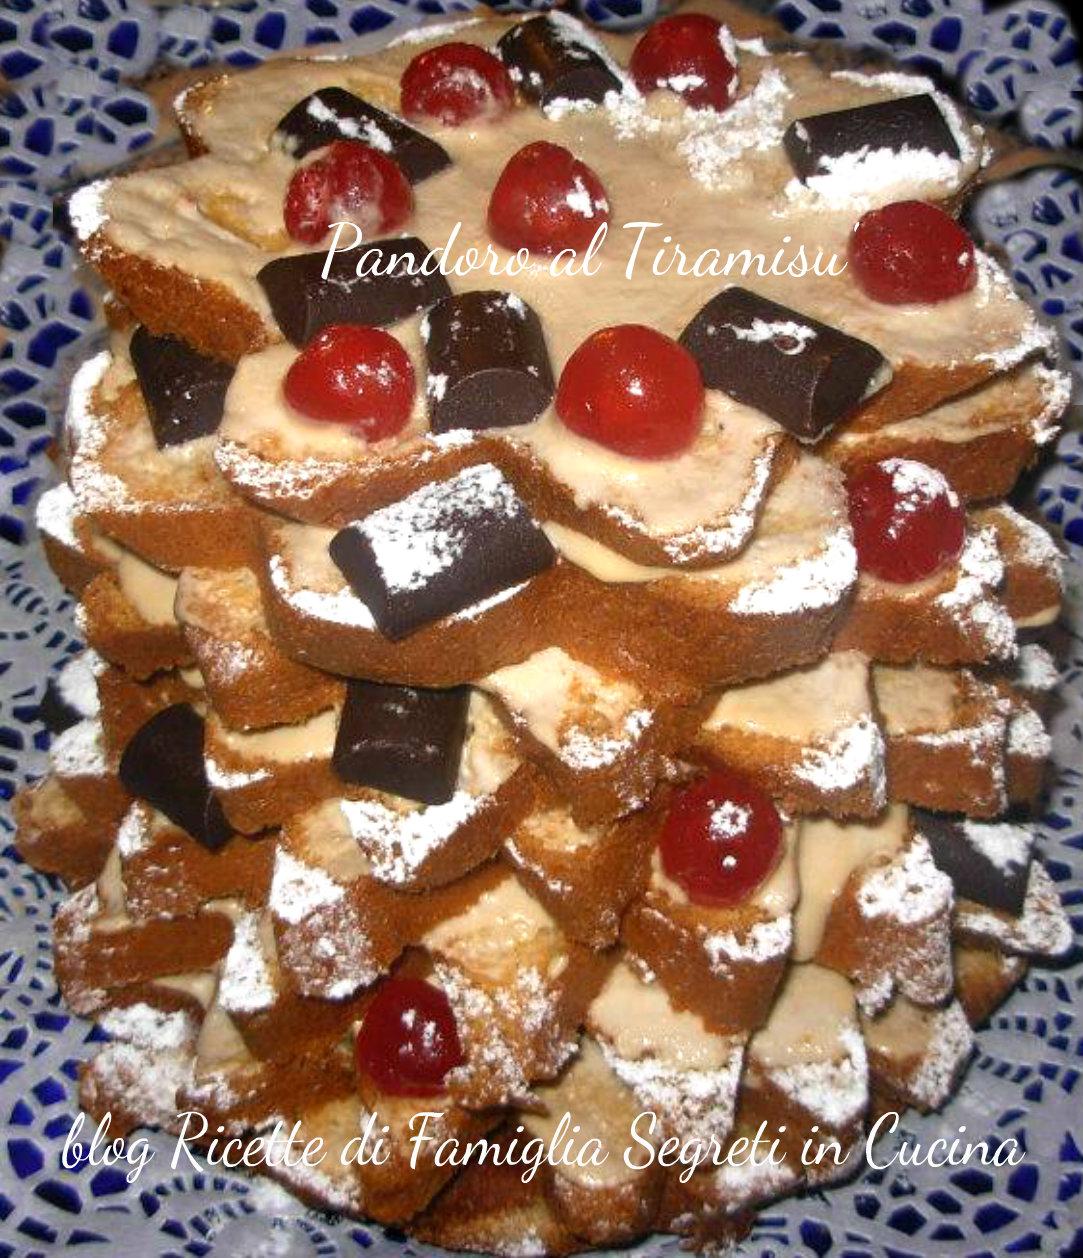 Pandoro albero di Natale al Tiramisù